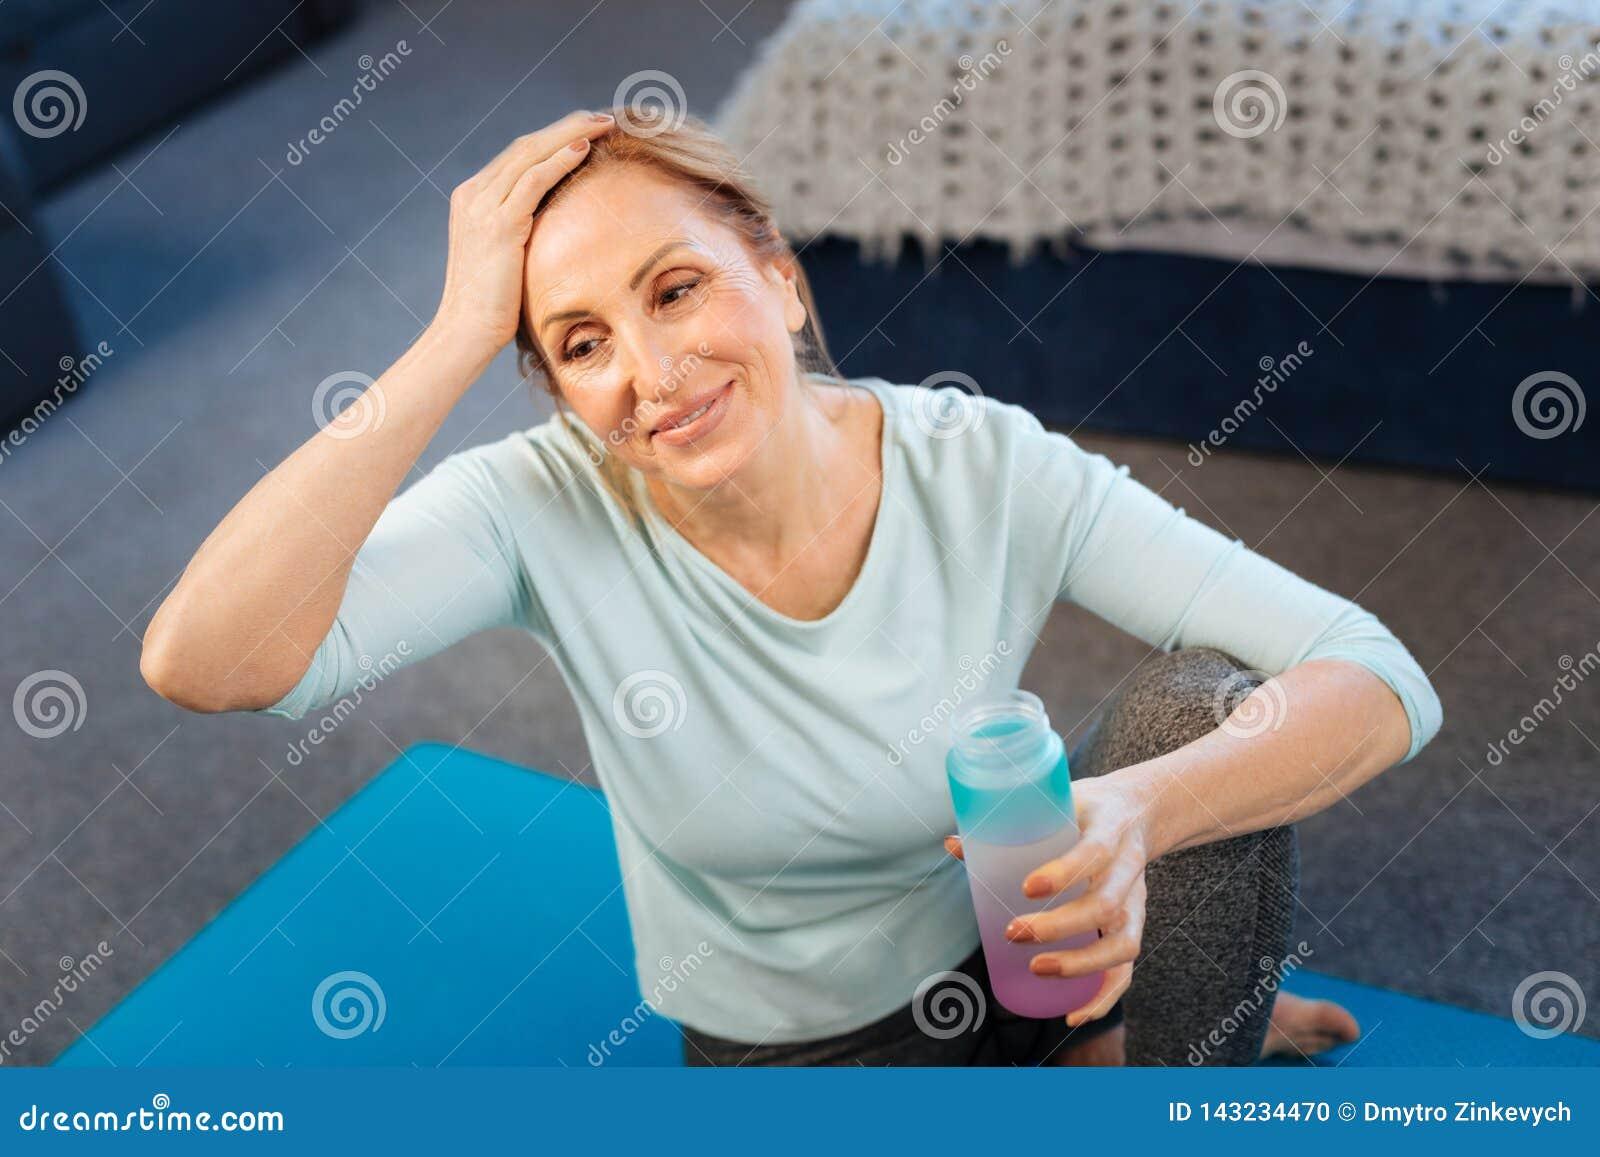 Αθλητική κατάλληλη κυρία που κουράζεται και τρίβοντας το μέτωπό της